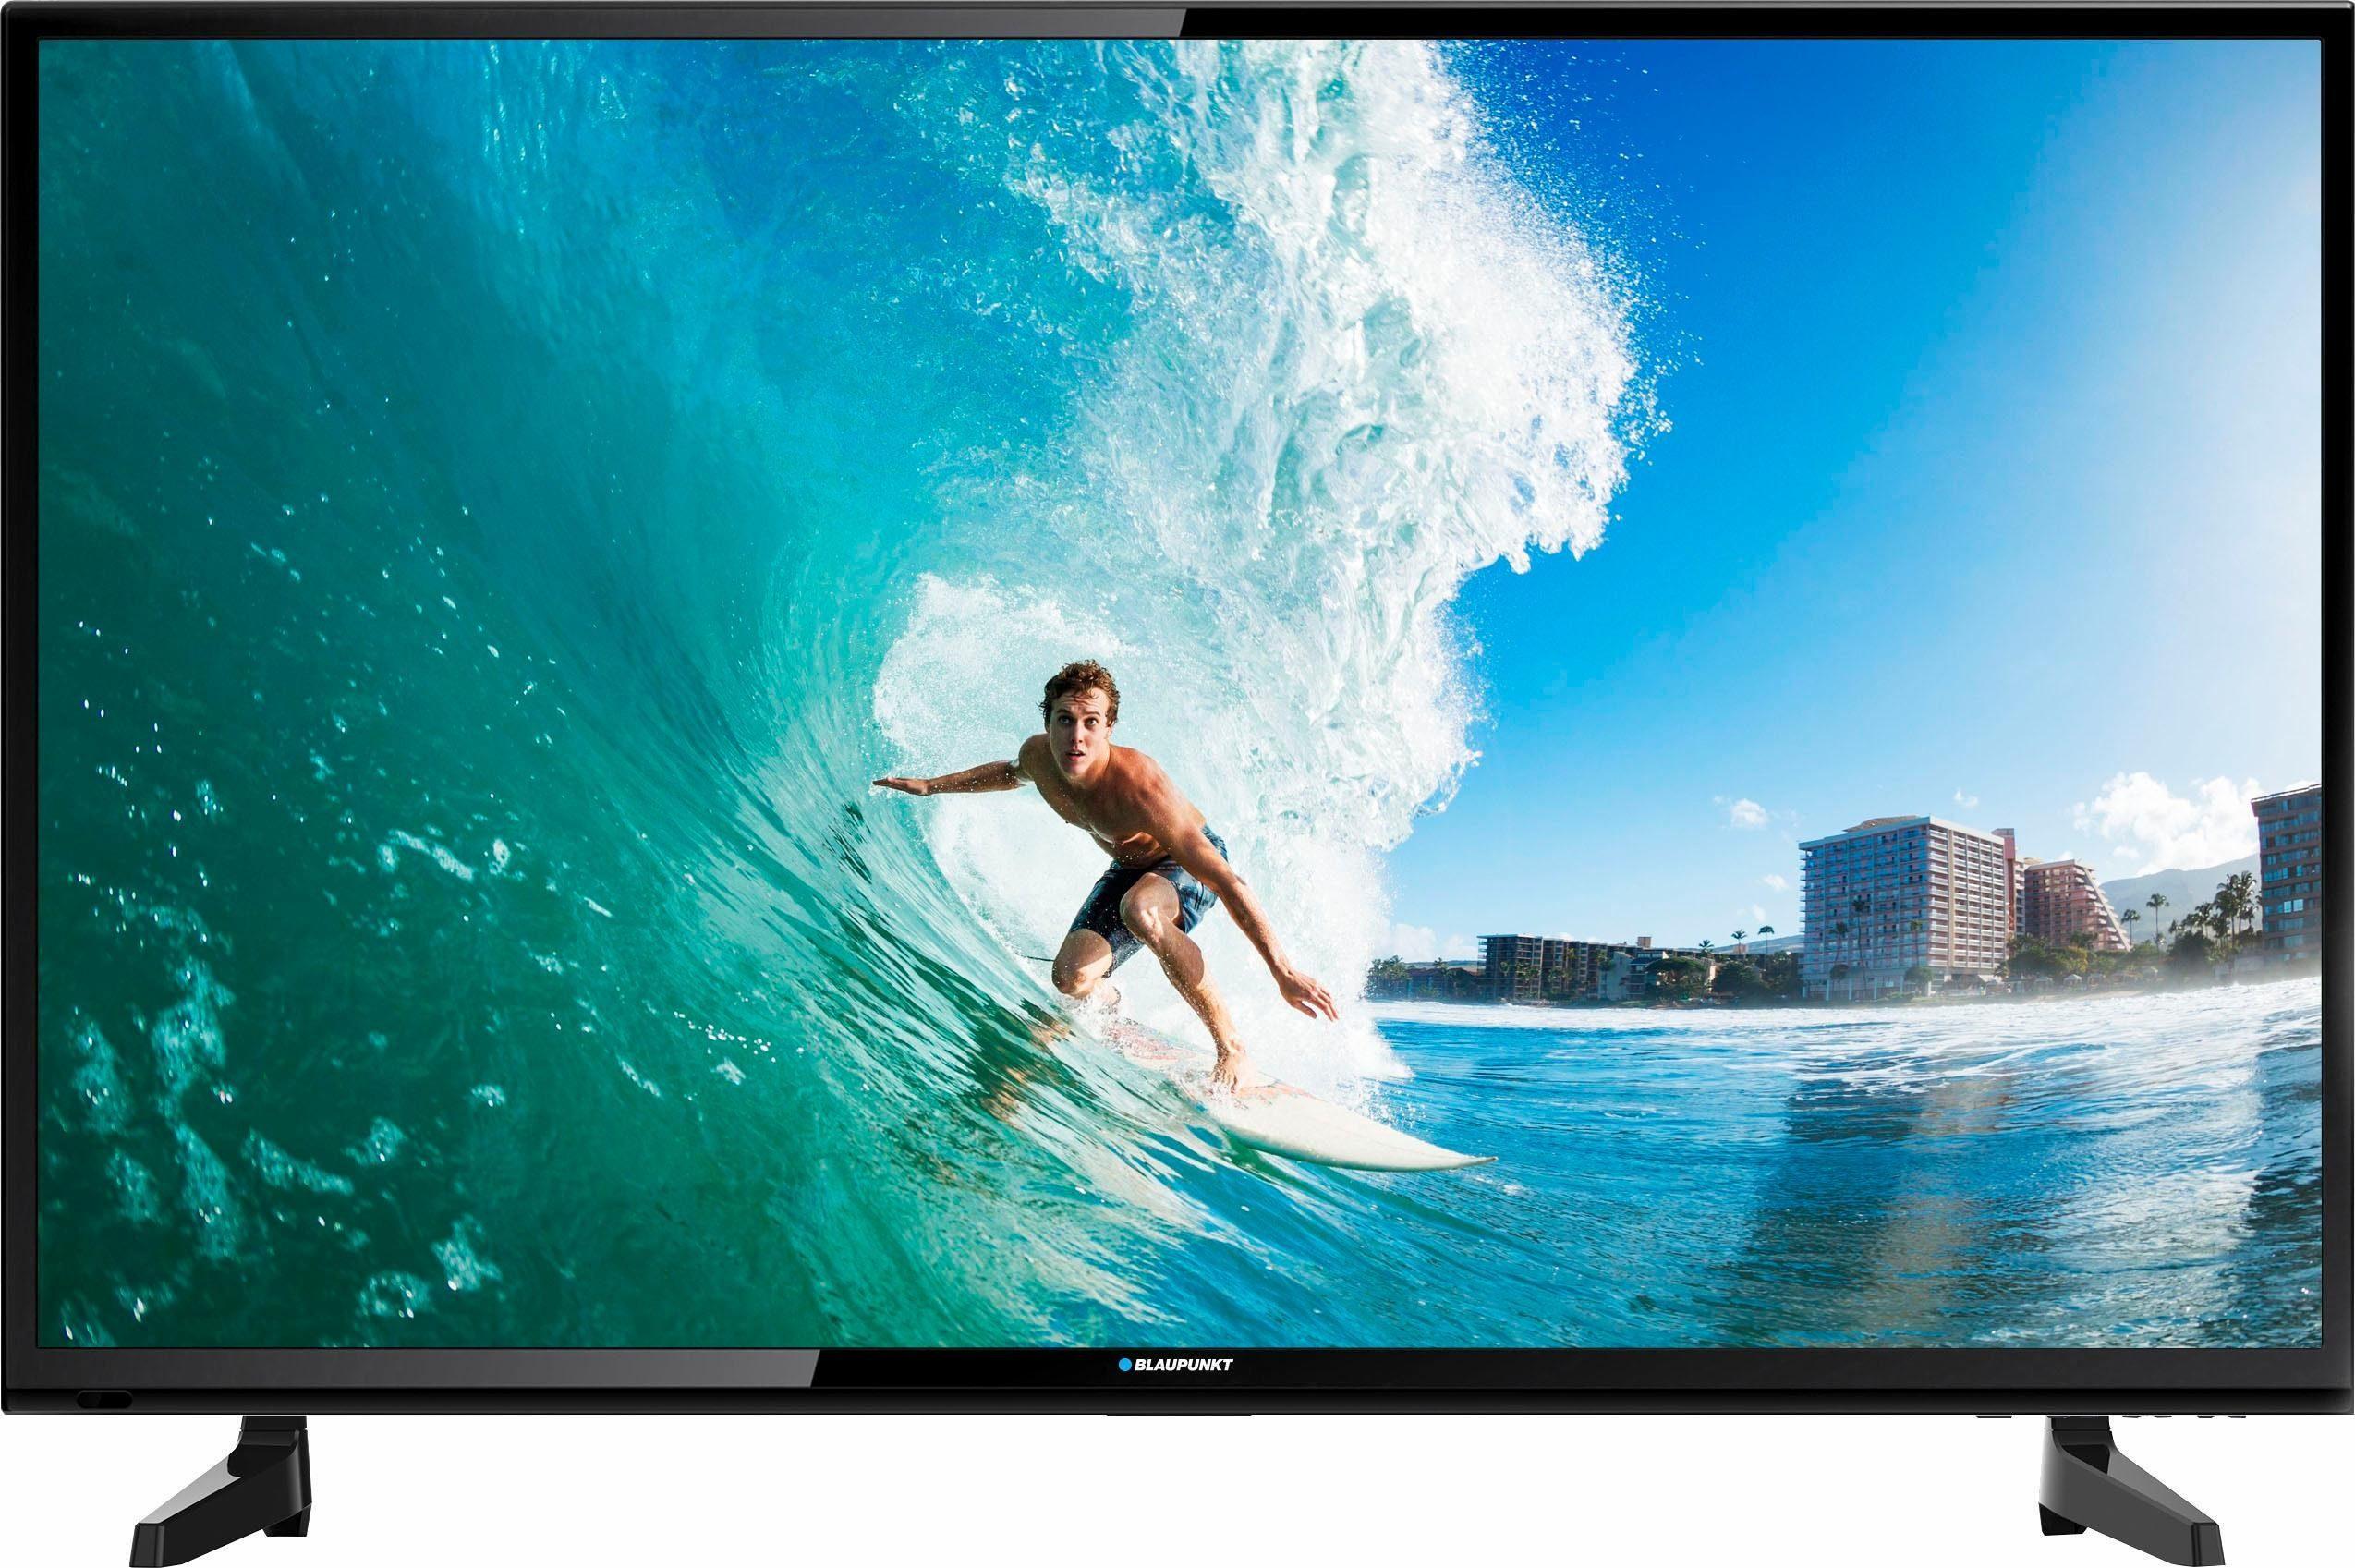 Blaupunkt BLA-32/148M-GB-11B-EGBQUX-EU, LED Fernseher, 81 cm (32 Zoll), HD-ready 720p, Smart-TV